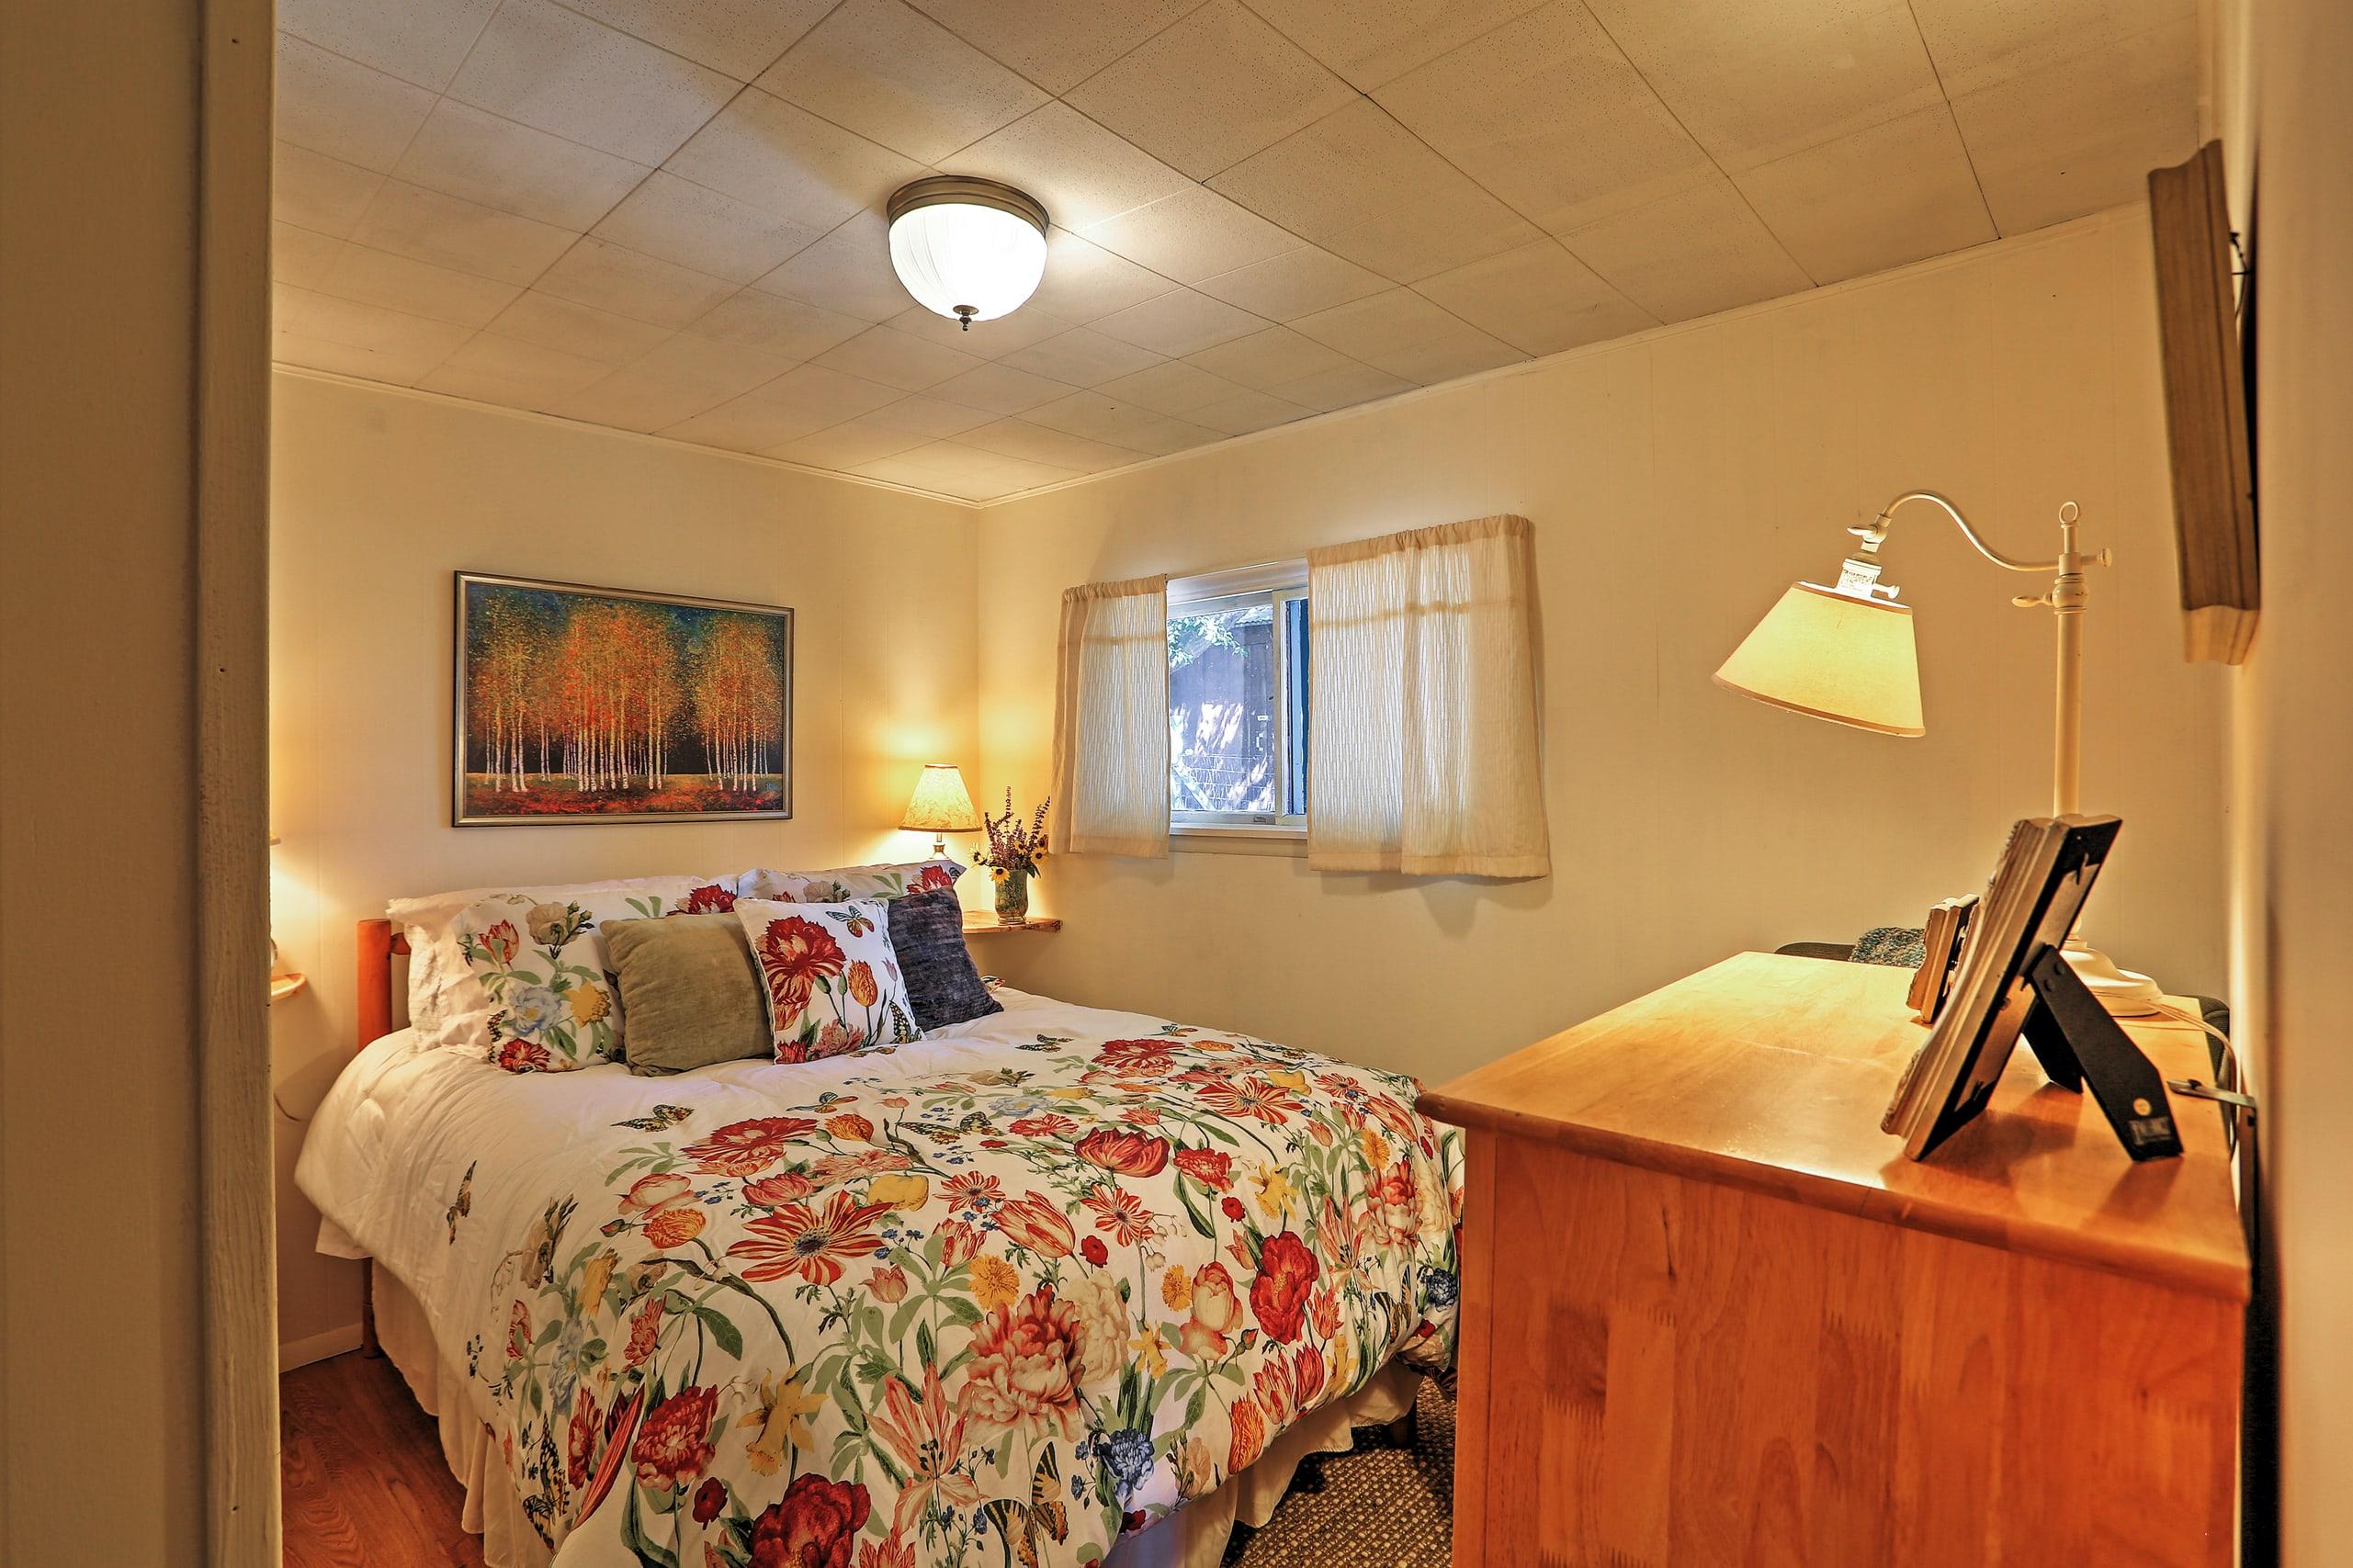 Sweet dreams await in this bedroom!